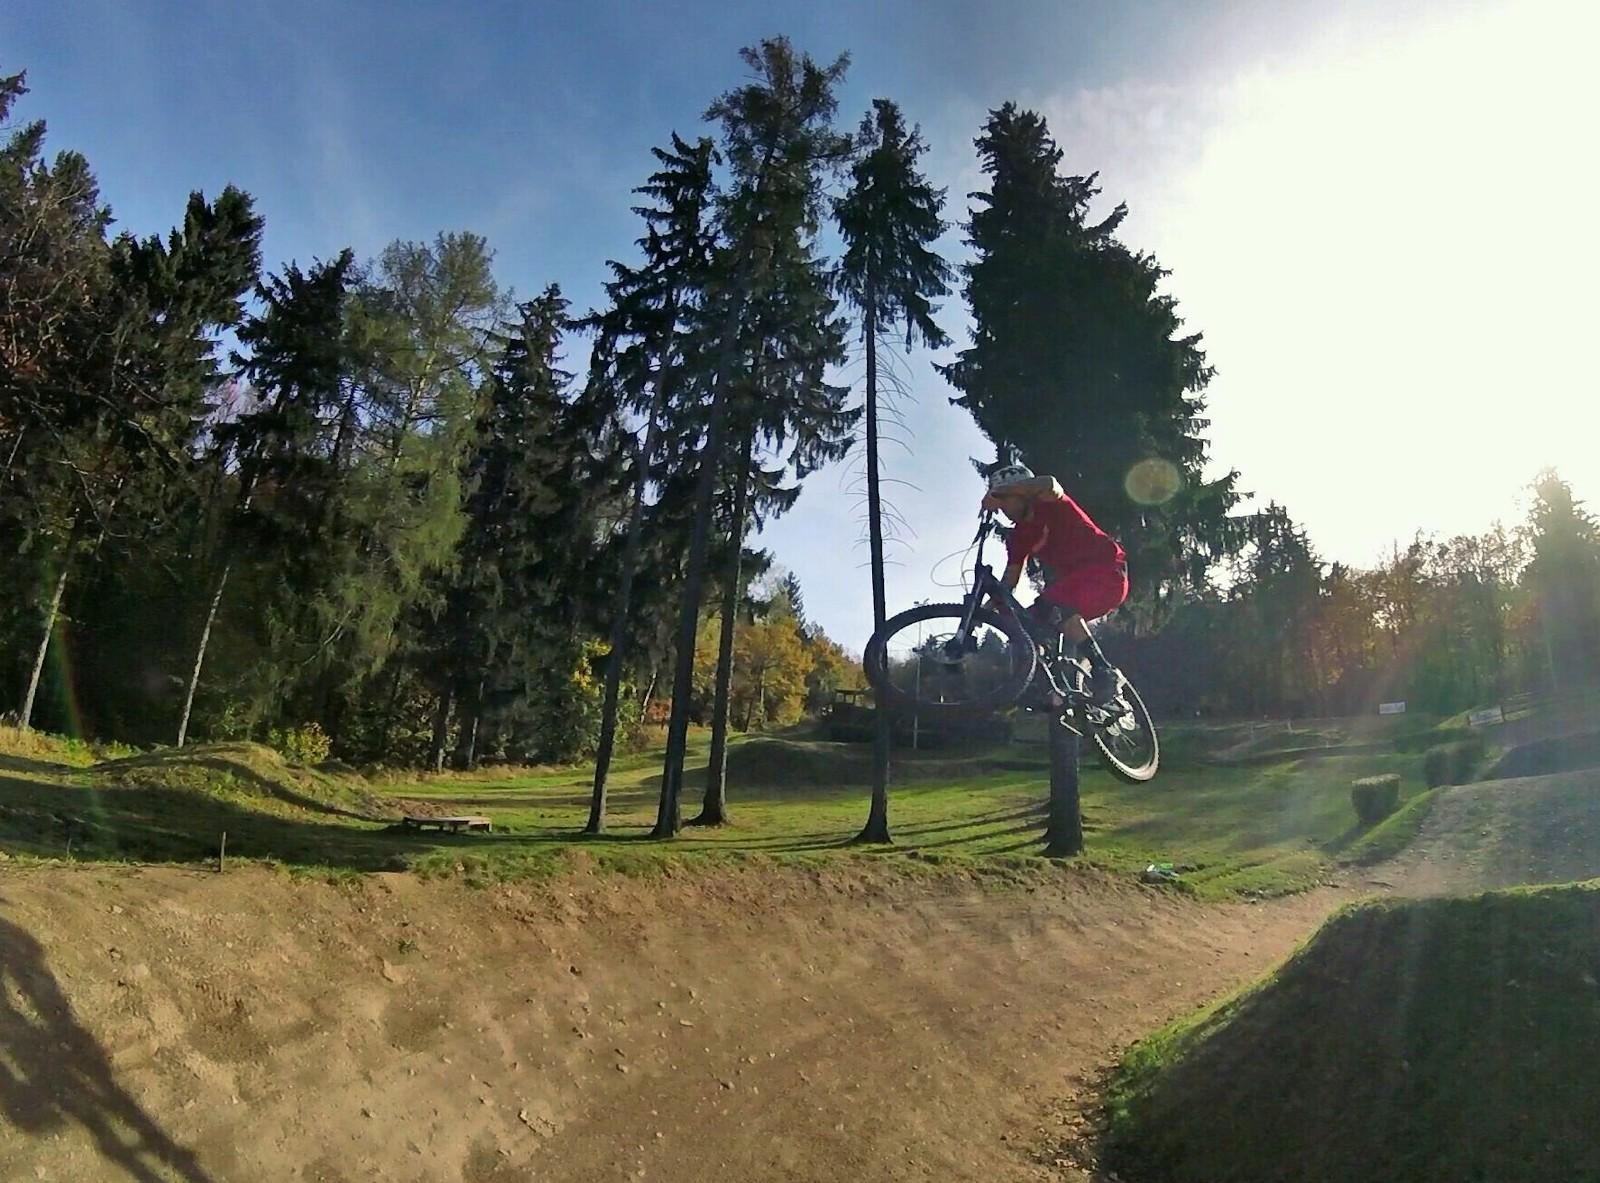 Szczawno 4X track - Piotr_Szwed Szwedowski - Mountain Biking Pictures - Vital MTB